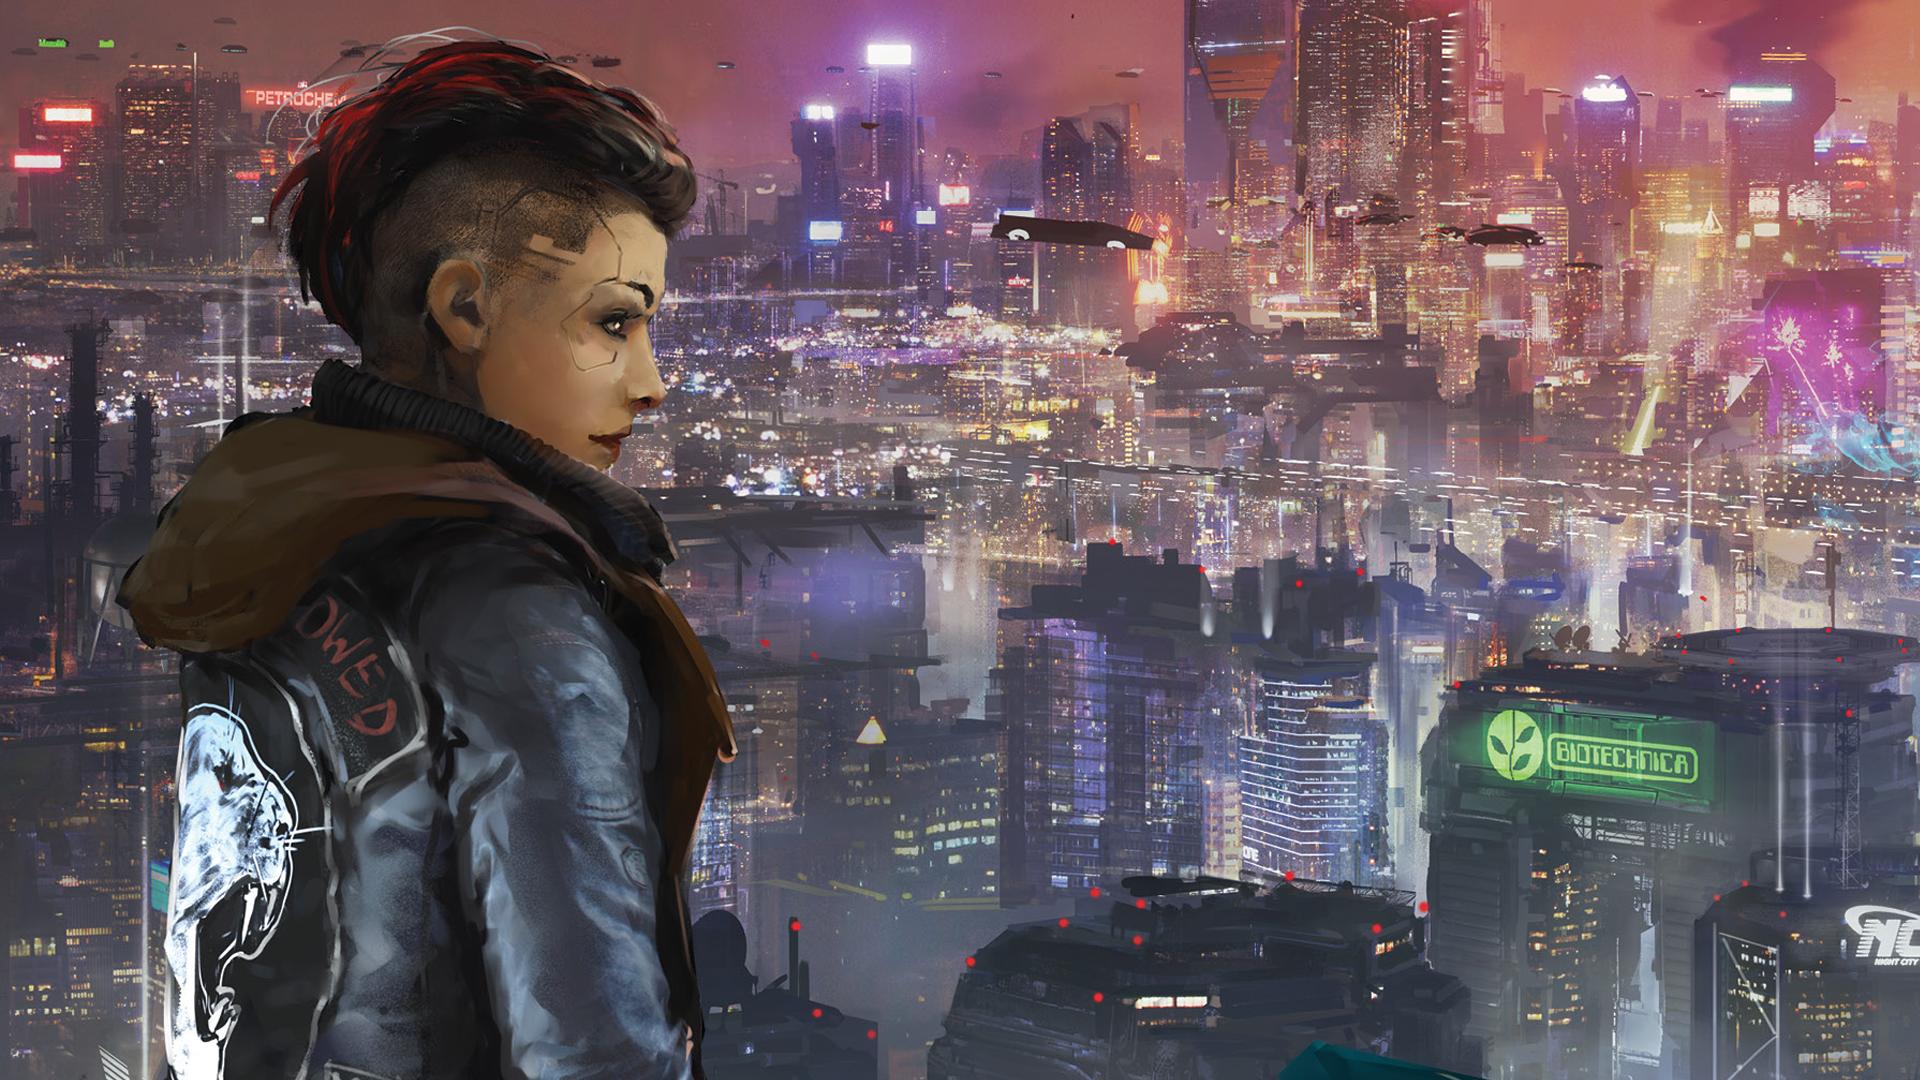 cyberpunk-red-rulebook-artwork.png